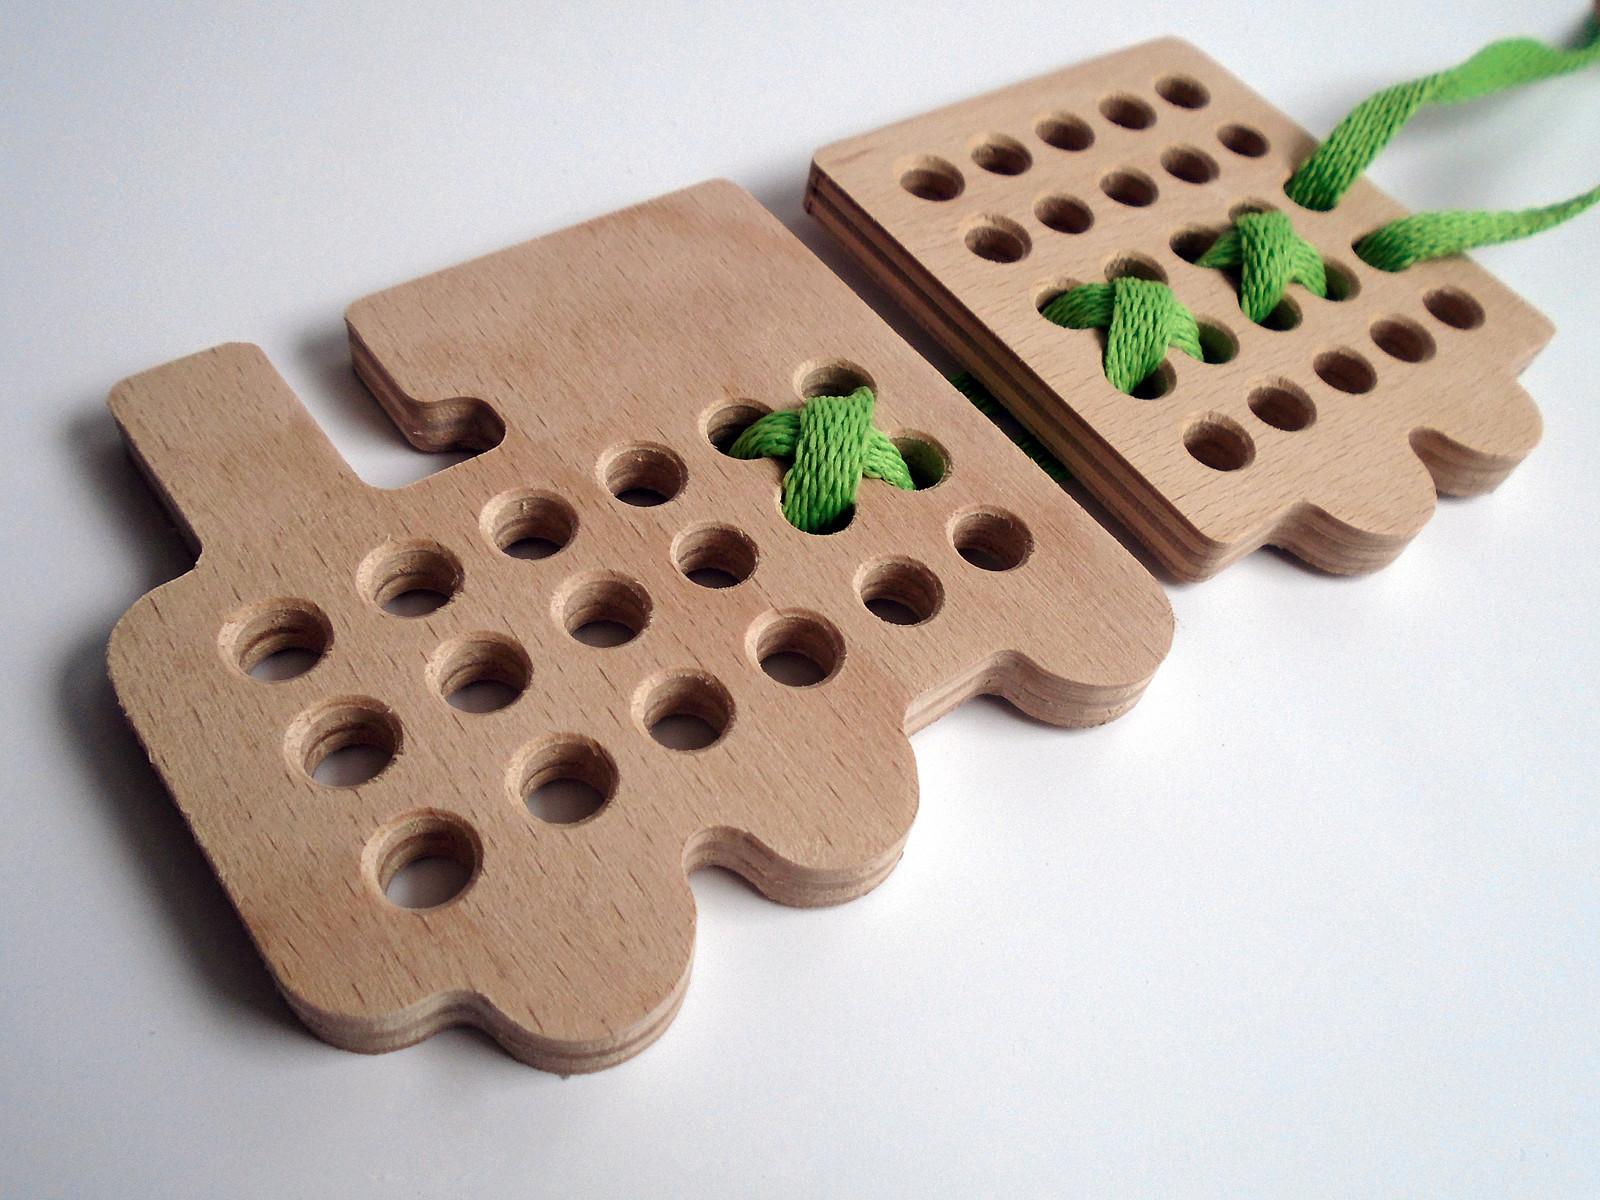 Dřevěná provlékací hračka - lokomotiva